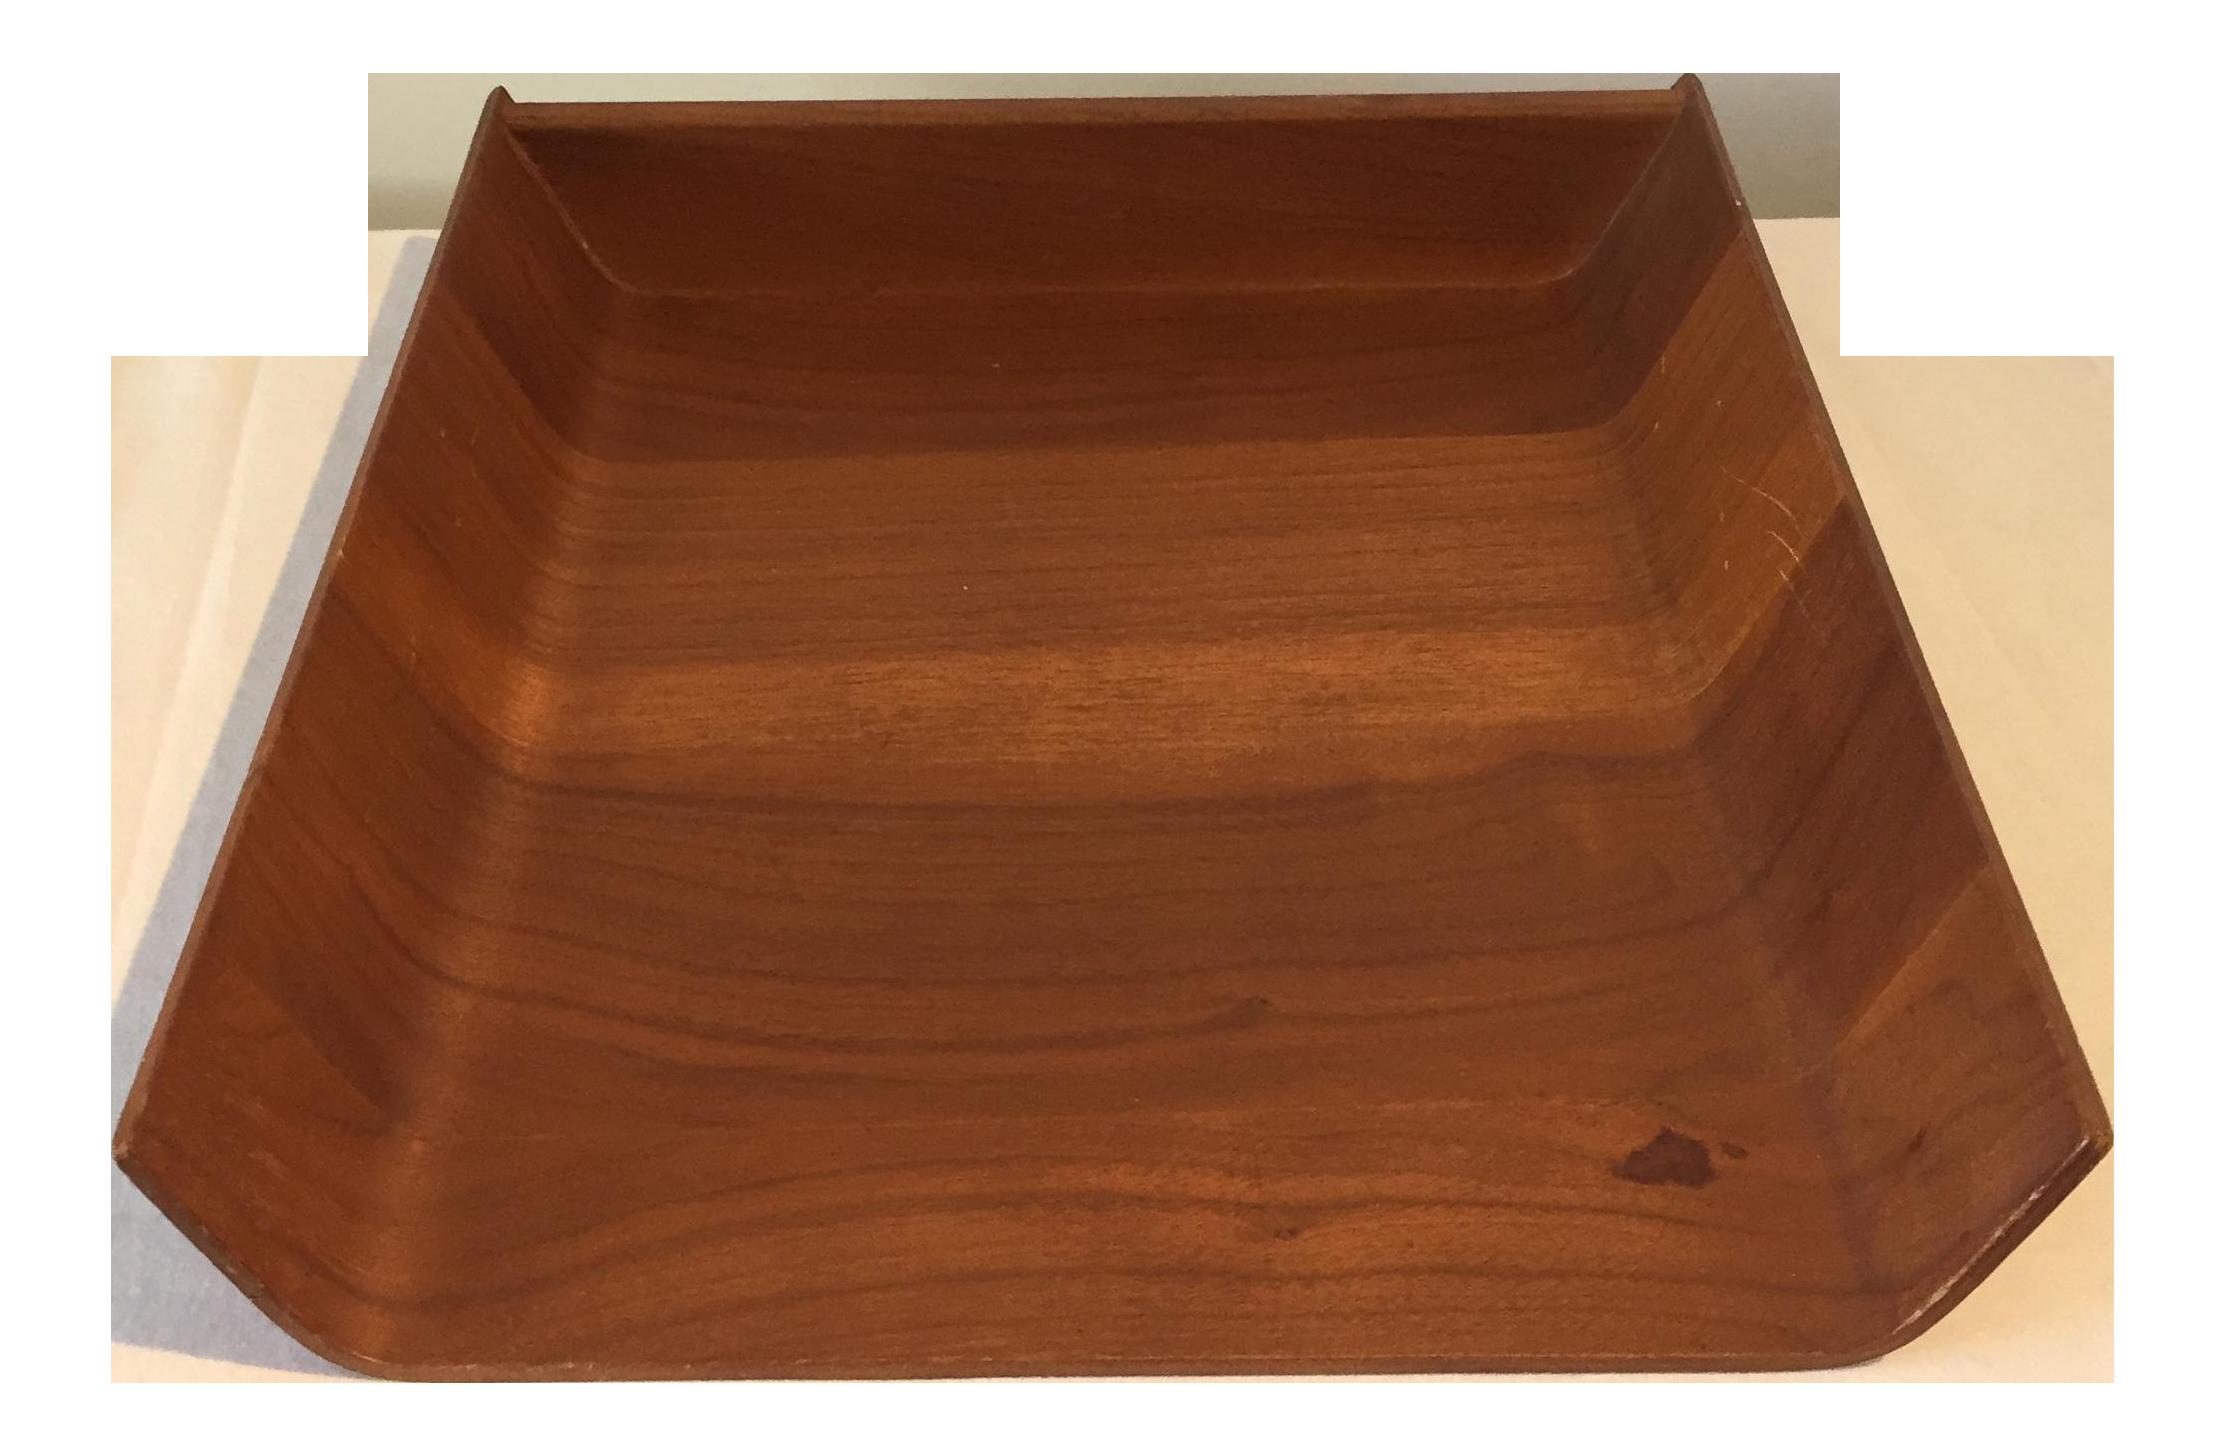 Knoll Mid Century Teak Paper Tray Chairish